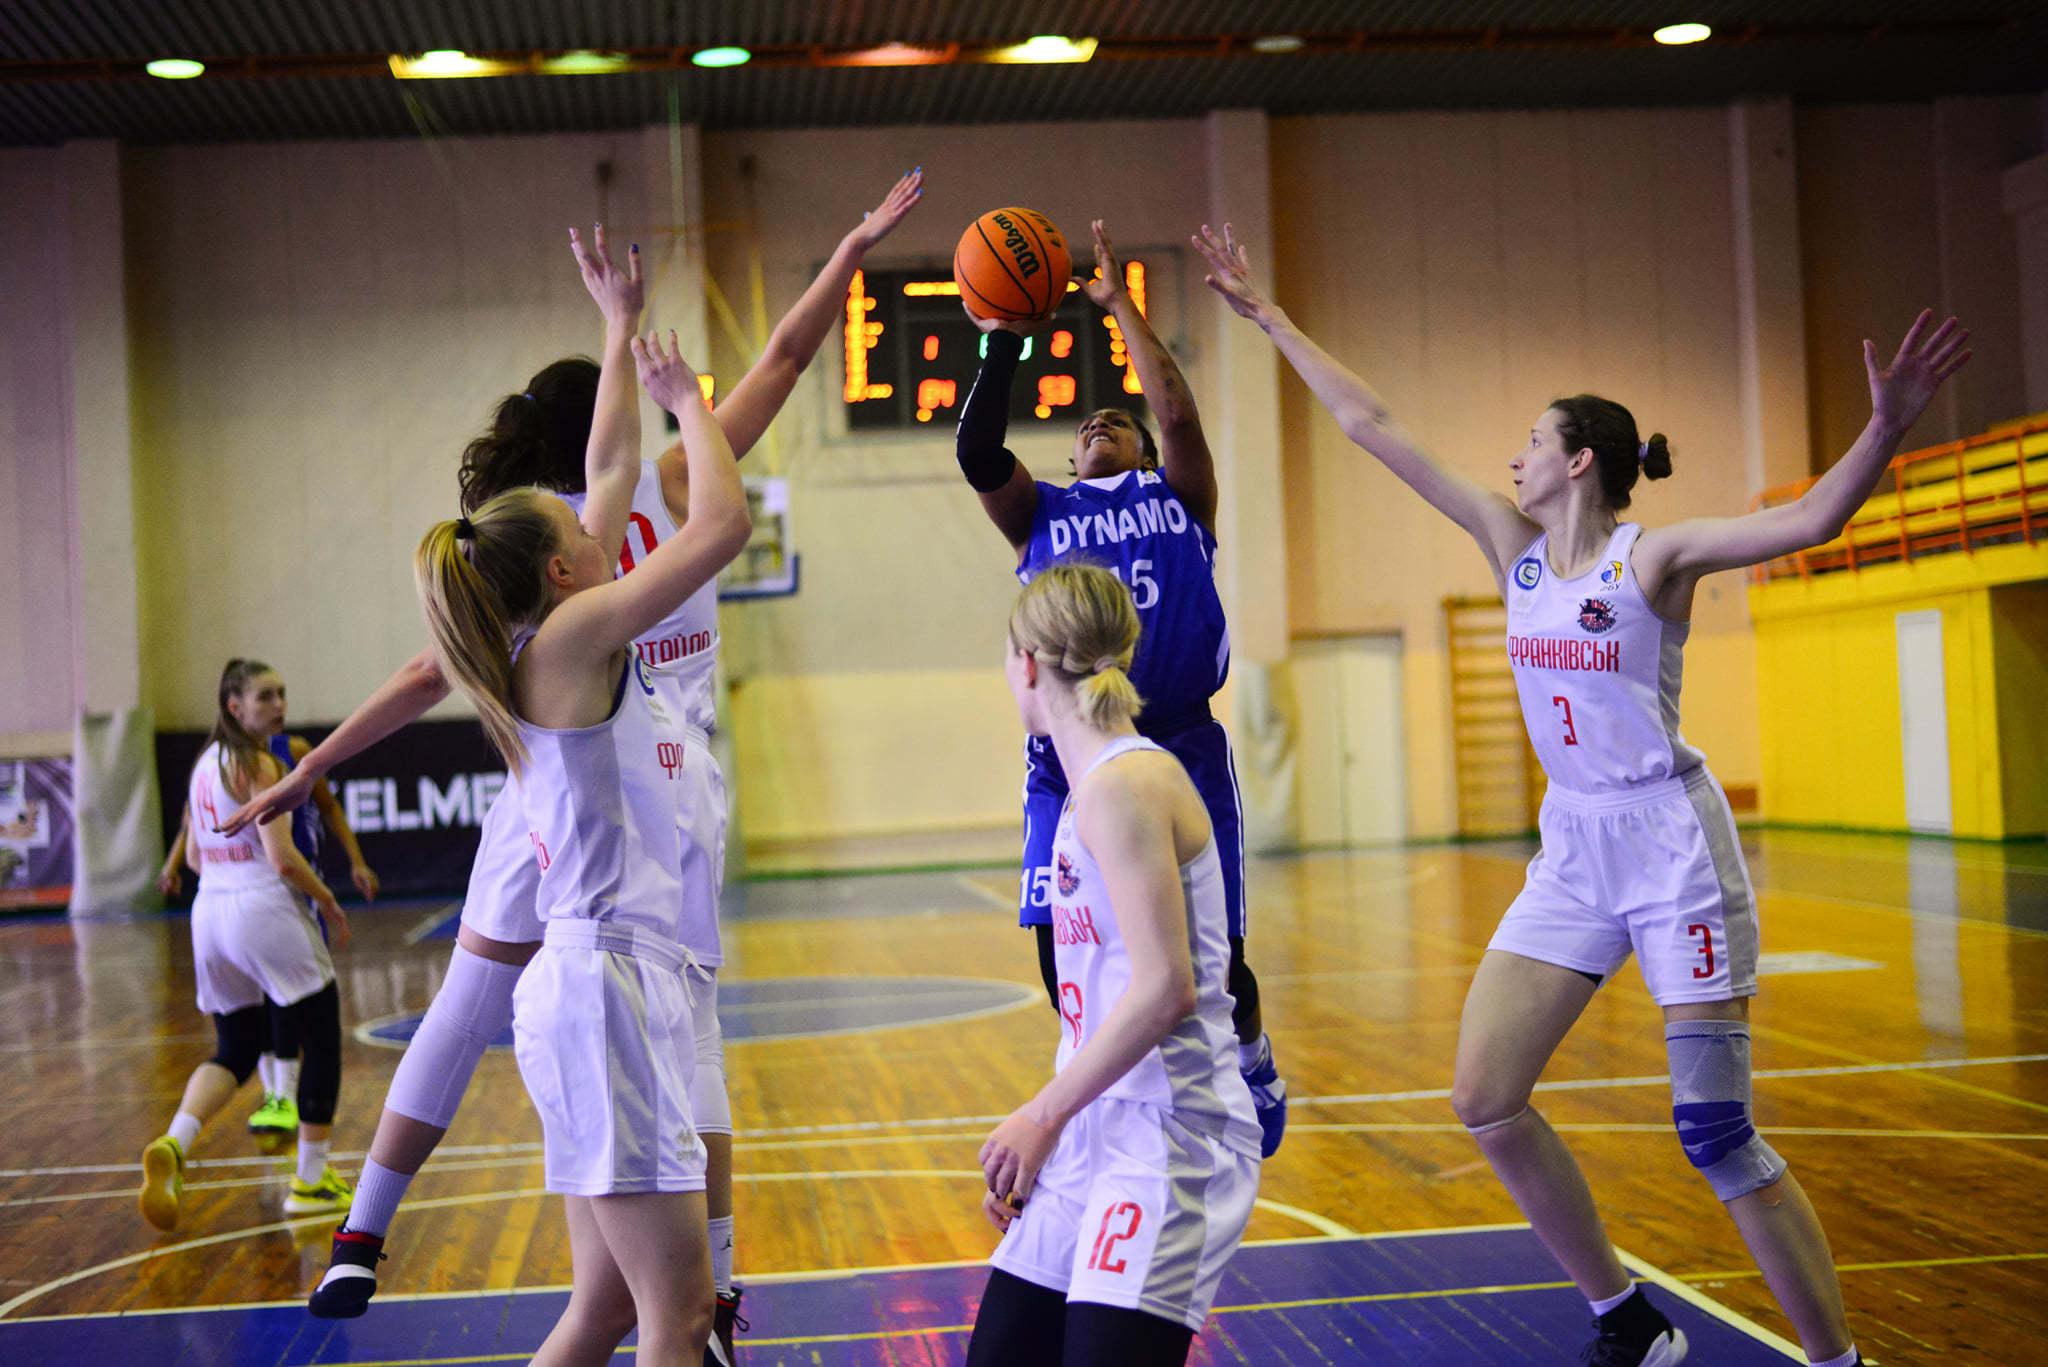 Динамо – Франківськ: анонс вирішального поєдинку за бронзові медалі жіночої Суперліги